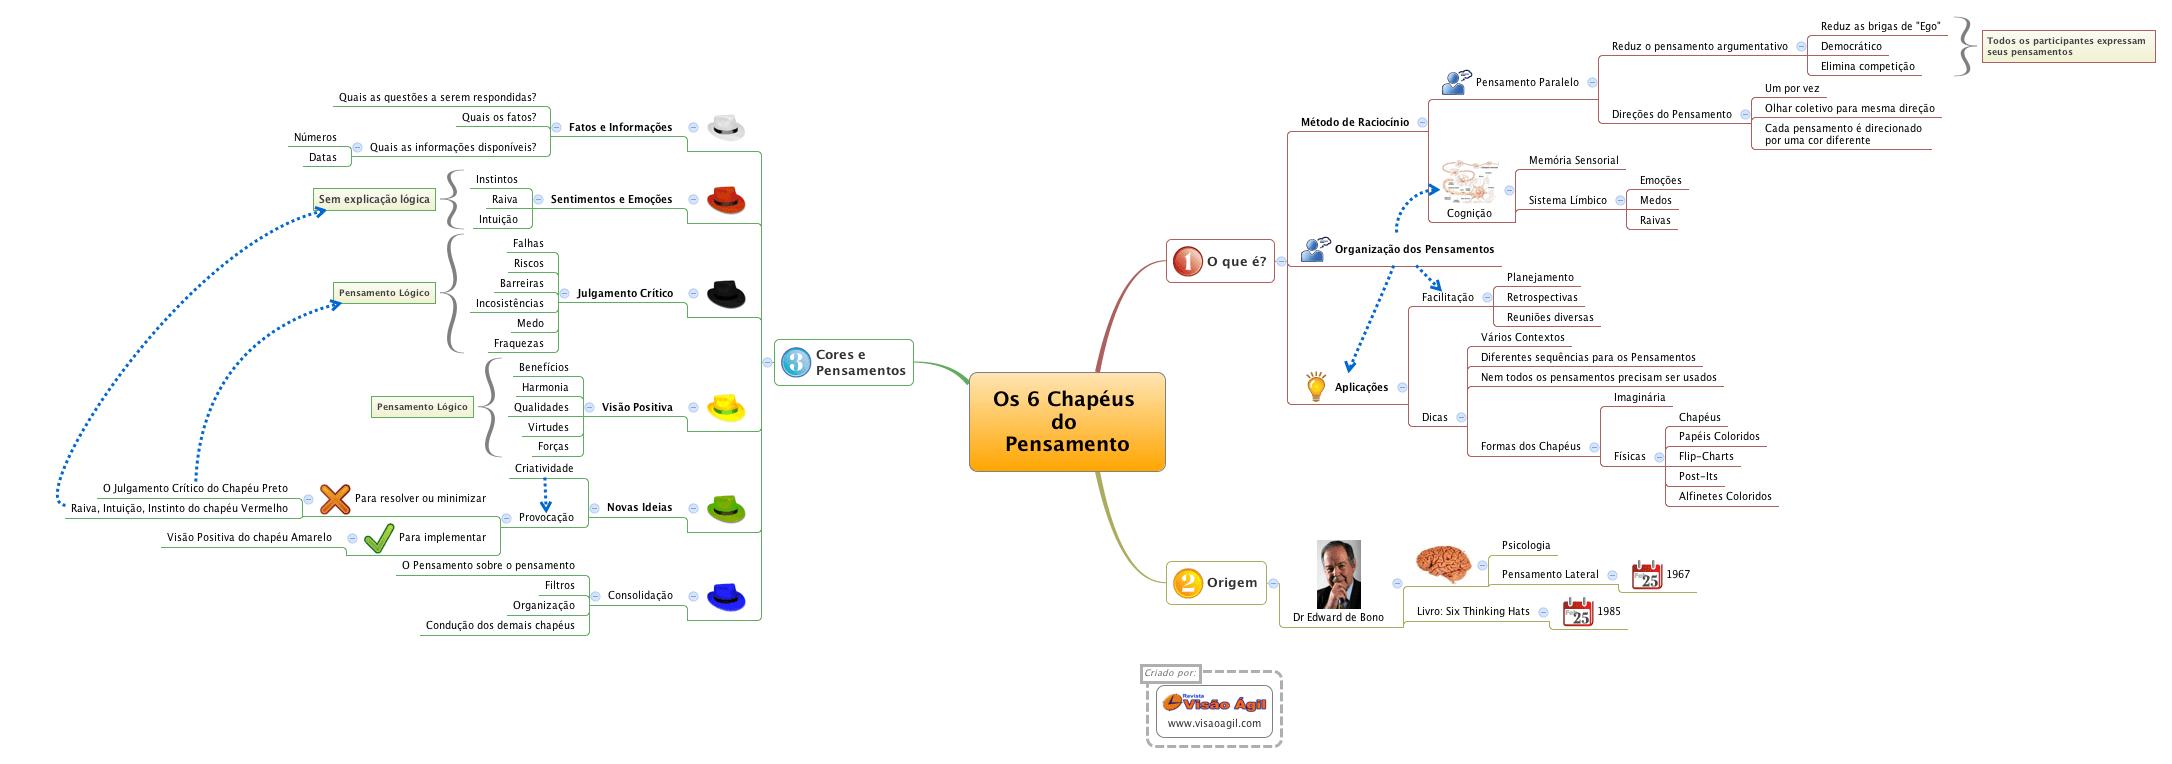 Mapa Mental sobre os 6 Chapéus do Pensamento